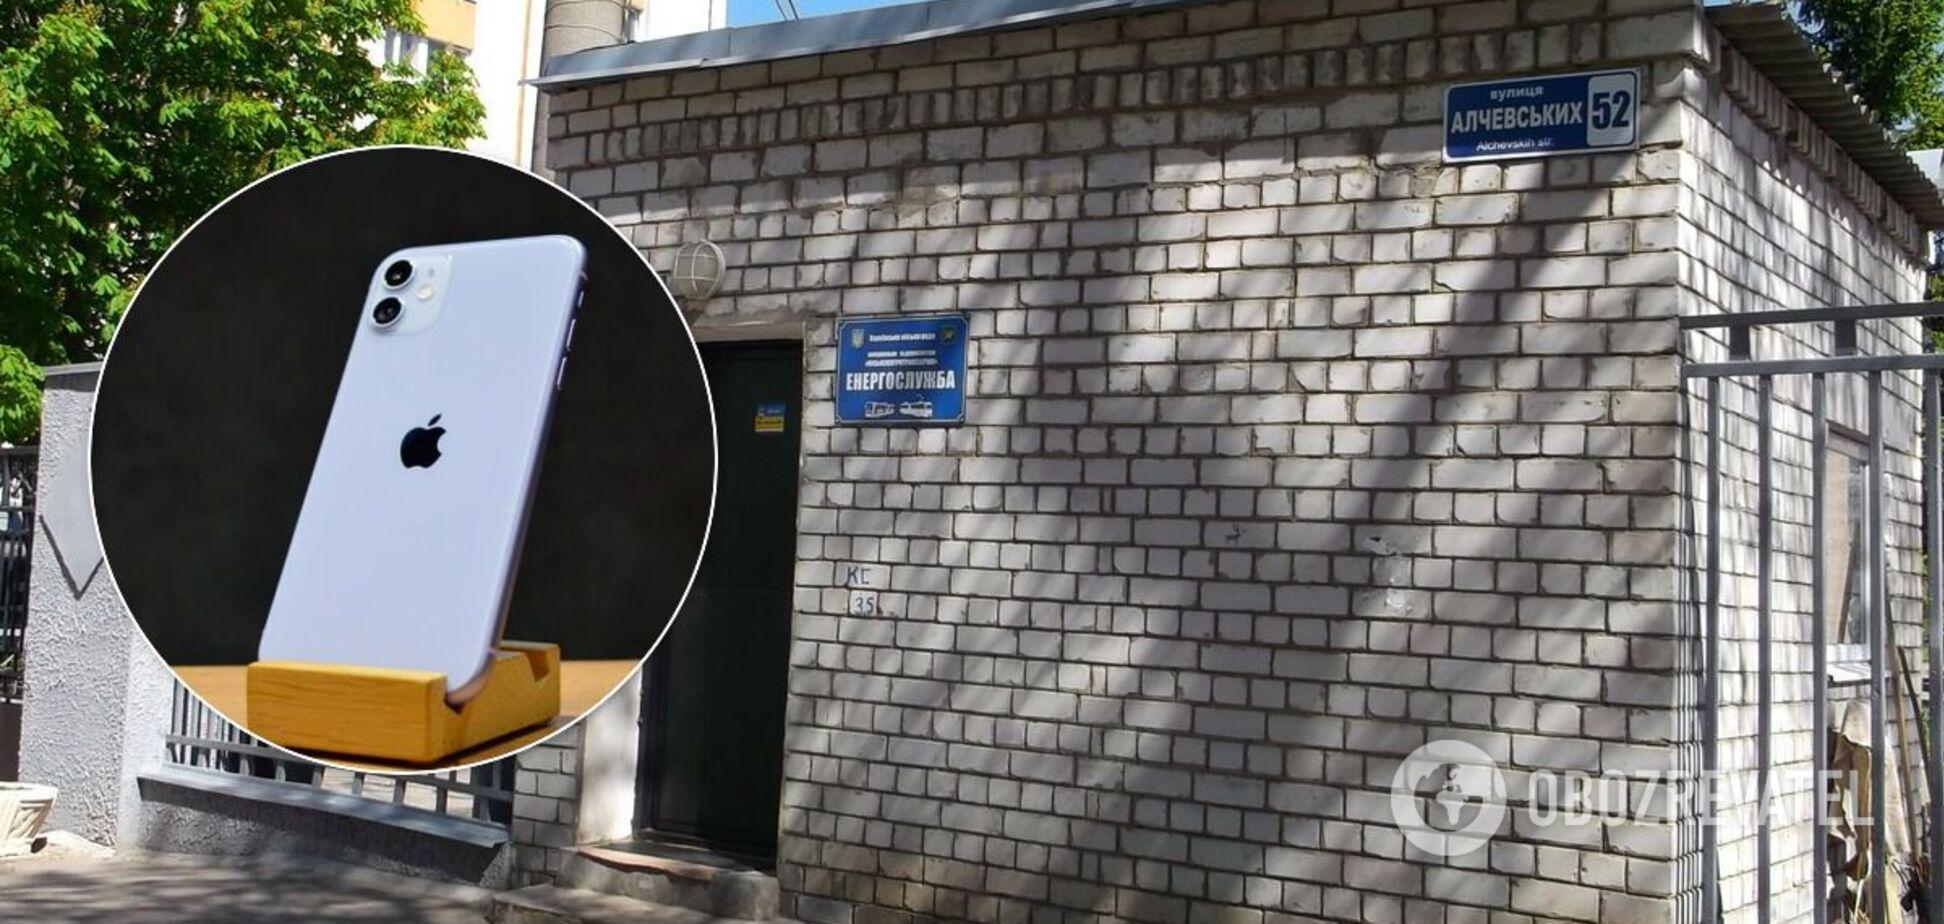 У Харкові збиткове КП придбало iPhone за 25 тисяч: чиновники виправдалися